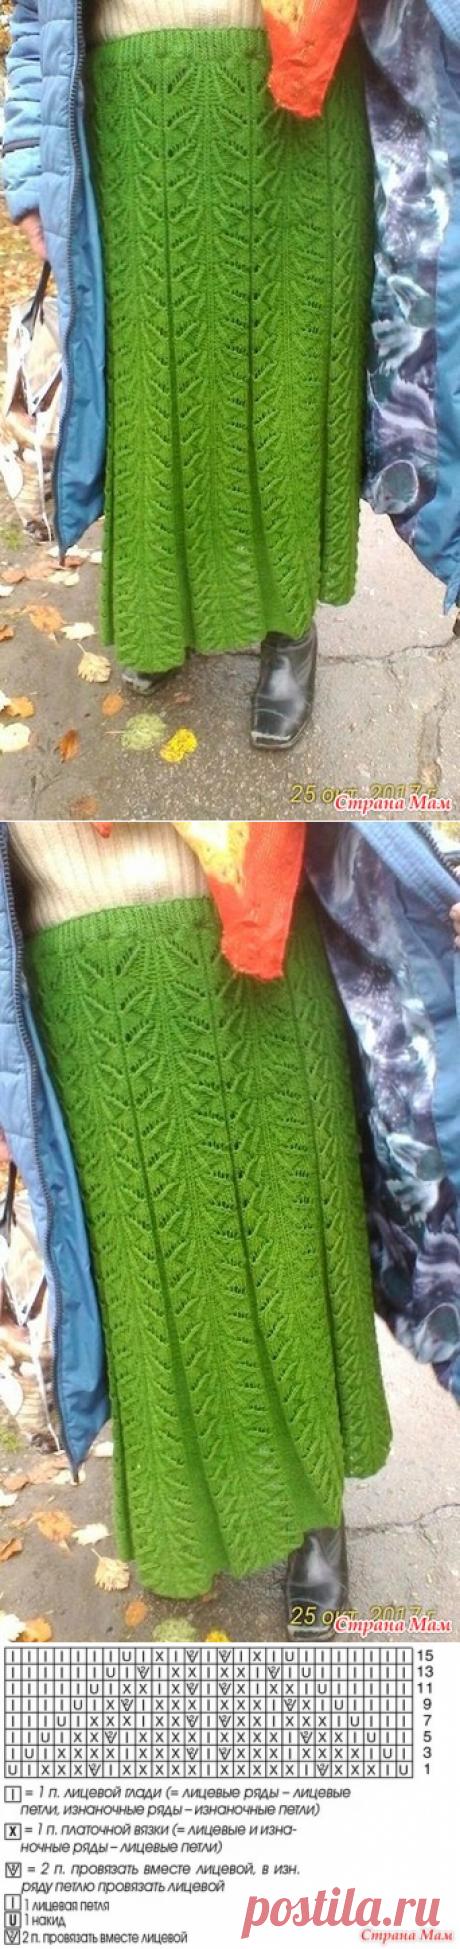 . Очень красивая юбка, прошу помощи в поиске схемы - Вязание - Страна Мам